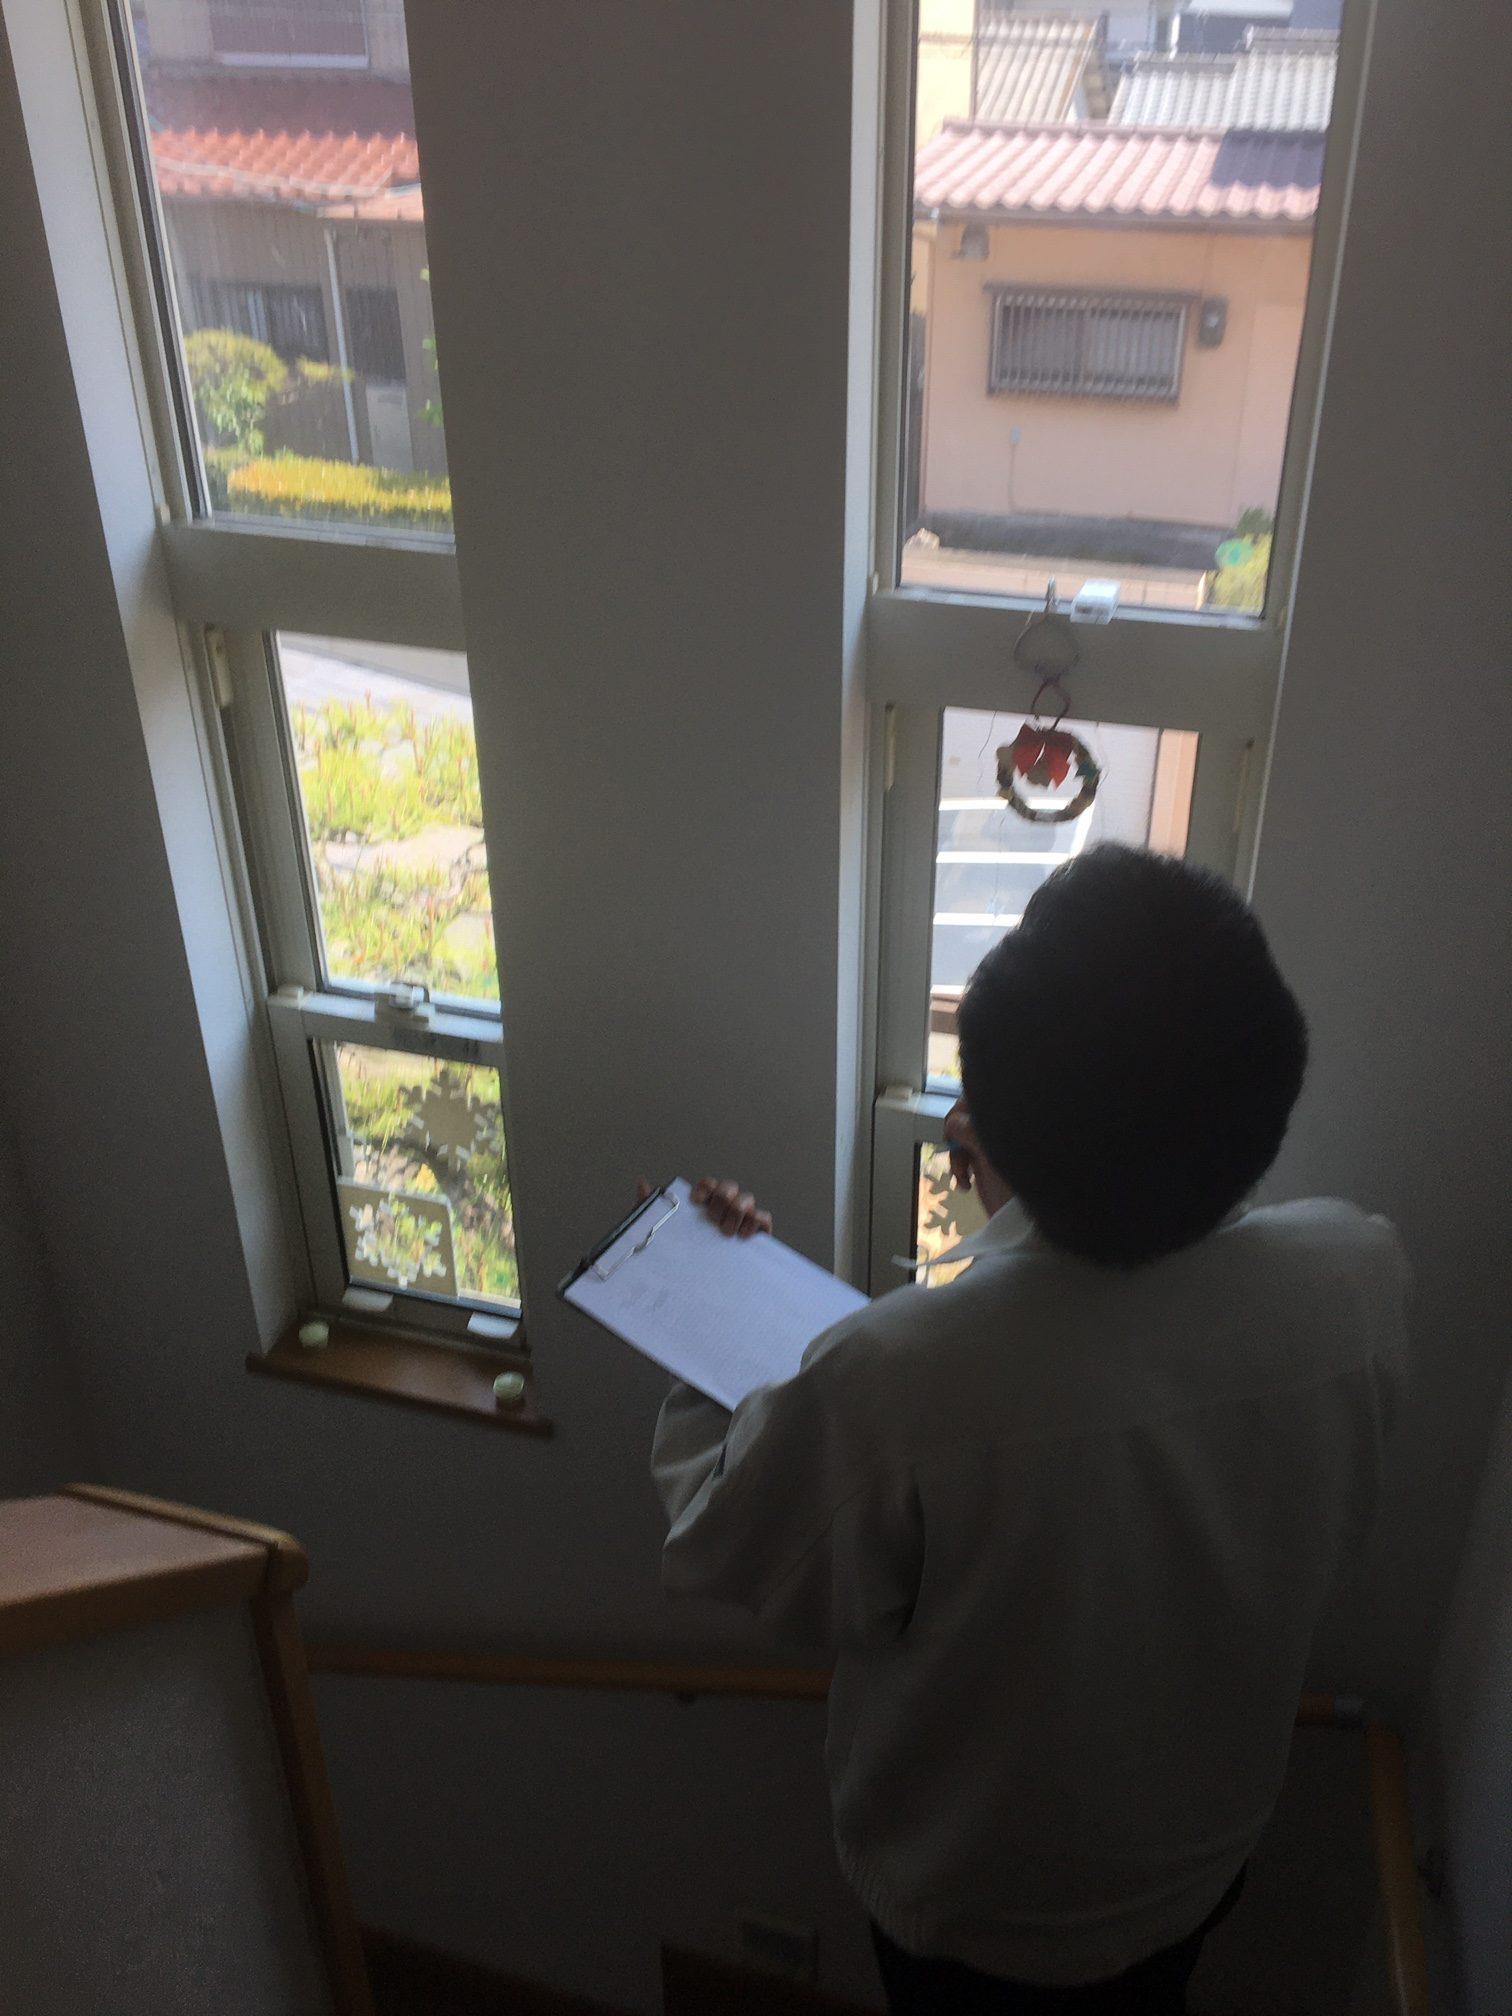 愛知県大府市 防犯対策 防犯ガラスへ 事前調査【ホンダトーヨー住器株式会社】